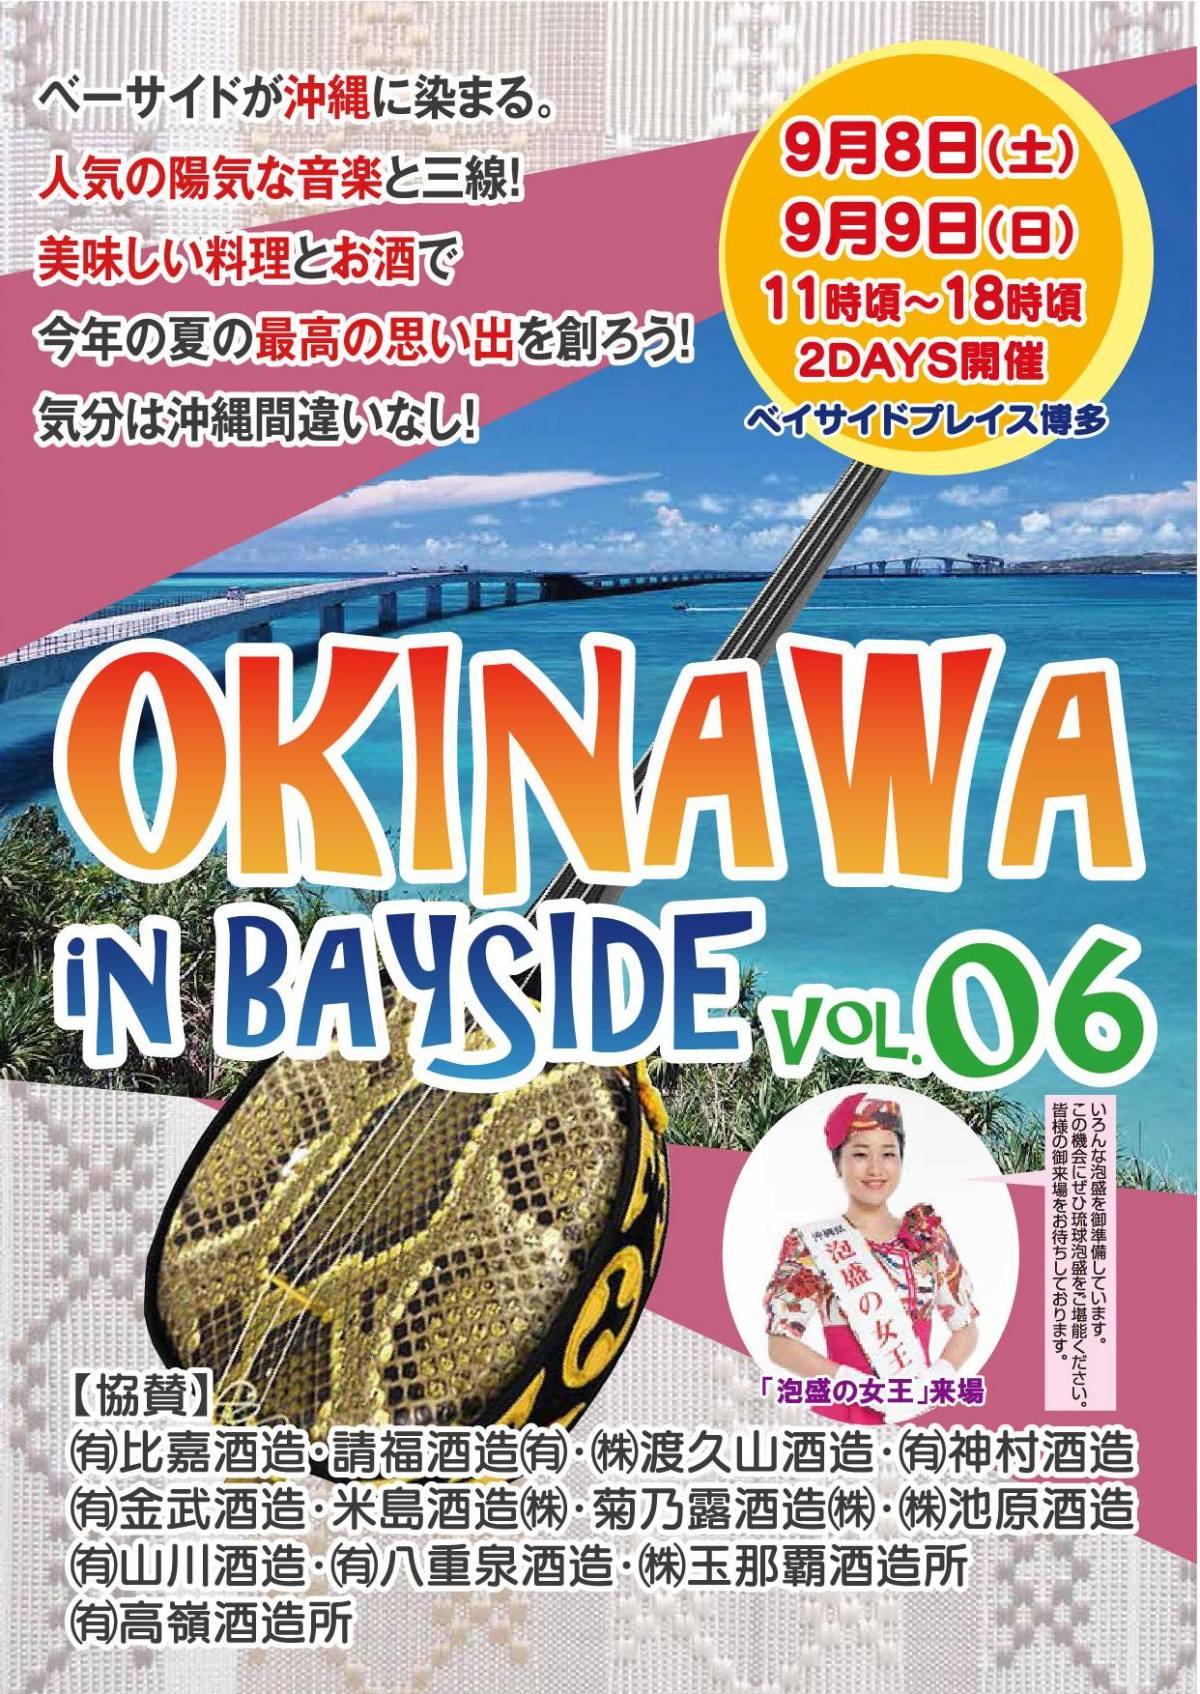 ベイサイドが沖縄に染まる。人気の陽気な音楽と三線!美味しい料理とお酒で今年の夏の最高の思い出を創ろう!気分は沖縄間違いなし!OKINAWA IN BAYSIDE 2018